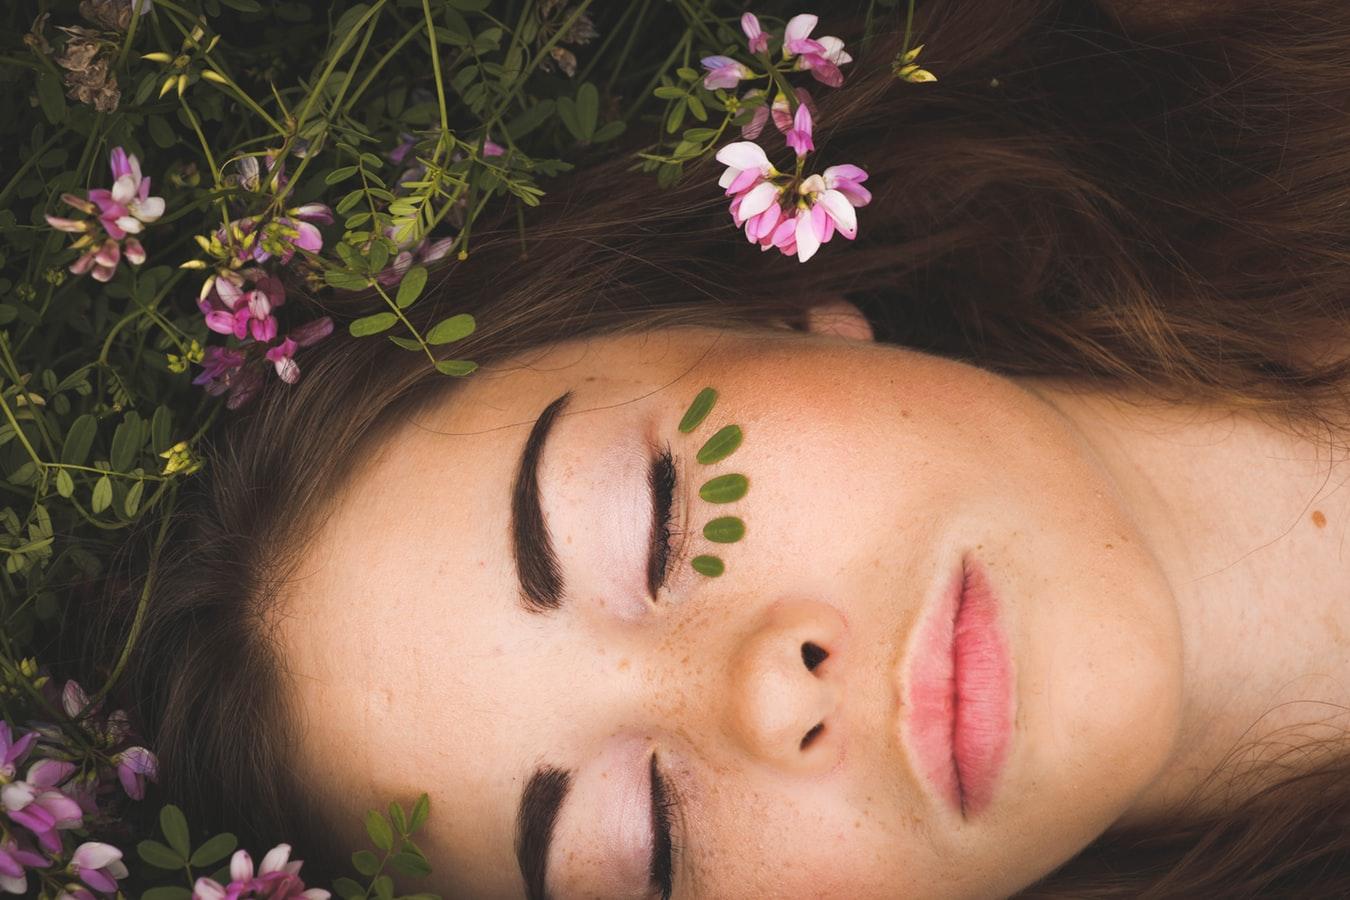 sept1 2 - Ansigtsbehandling: pleje for både krop og sjæl